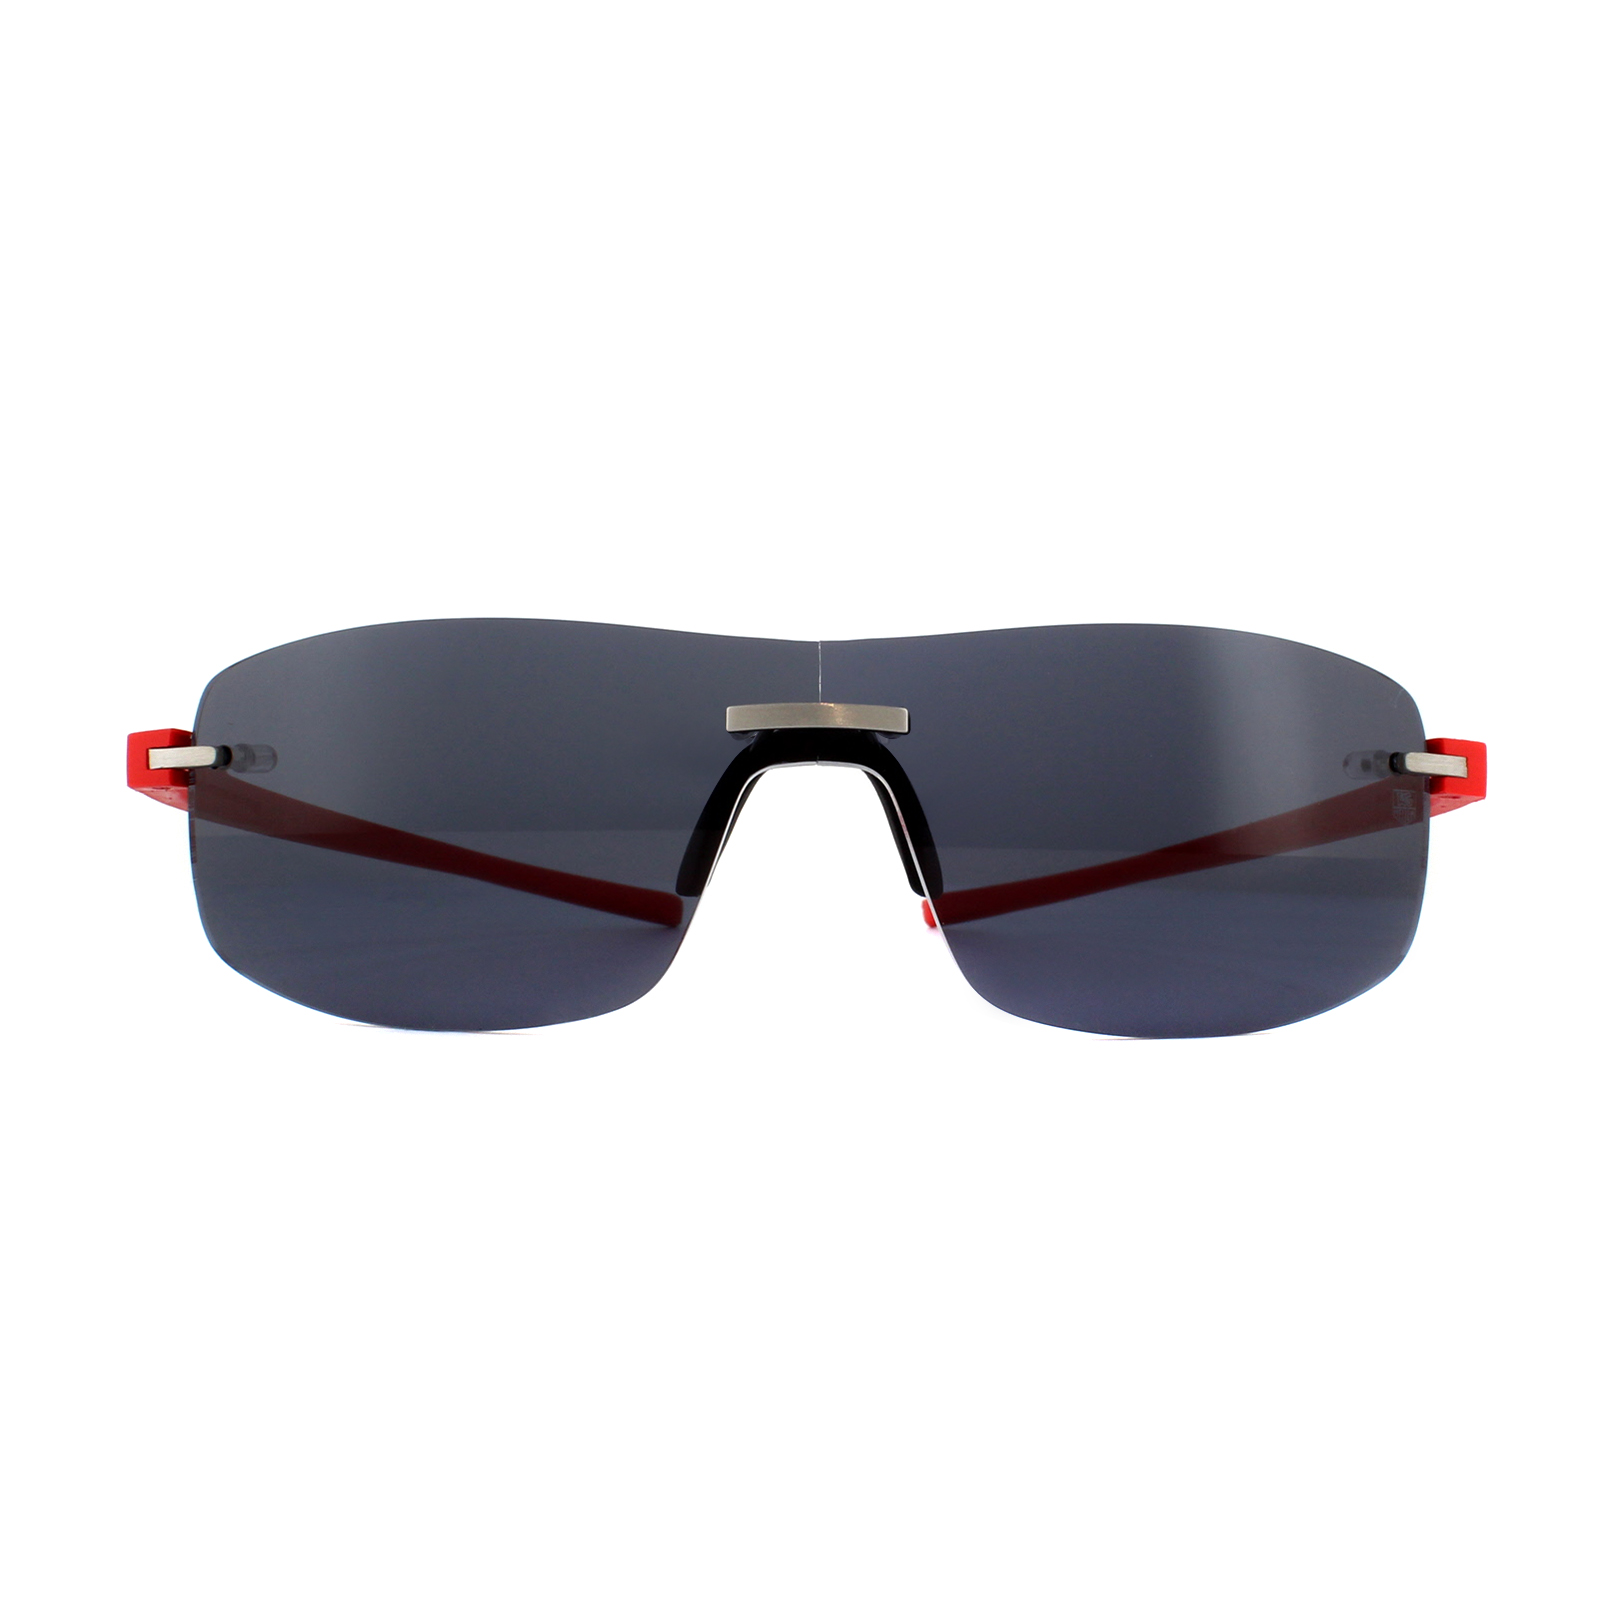 44eef8aed8 CENTINELA Tag Heuer gafas de sol TH3591 Reflex 102 puro rojo gris plata al  aire libre